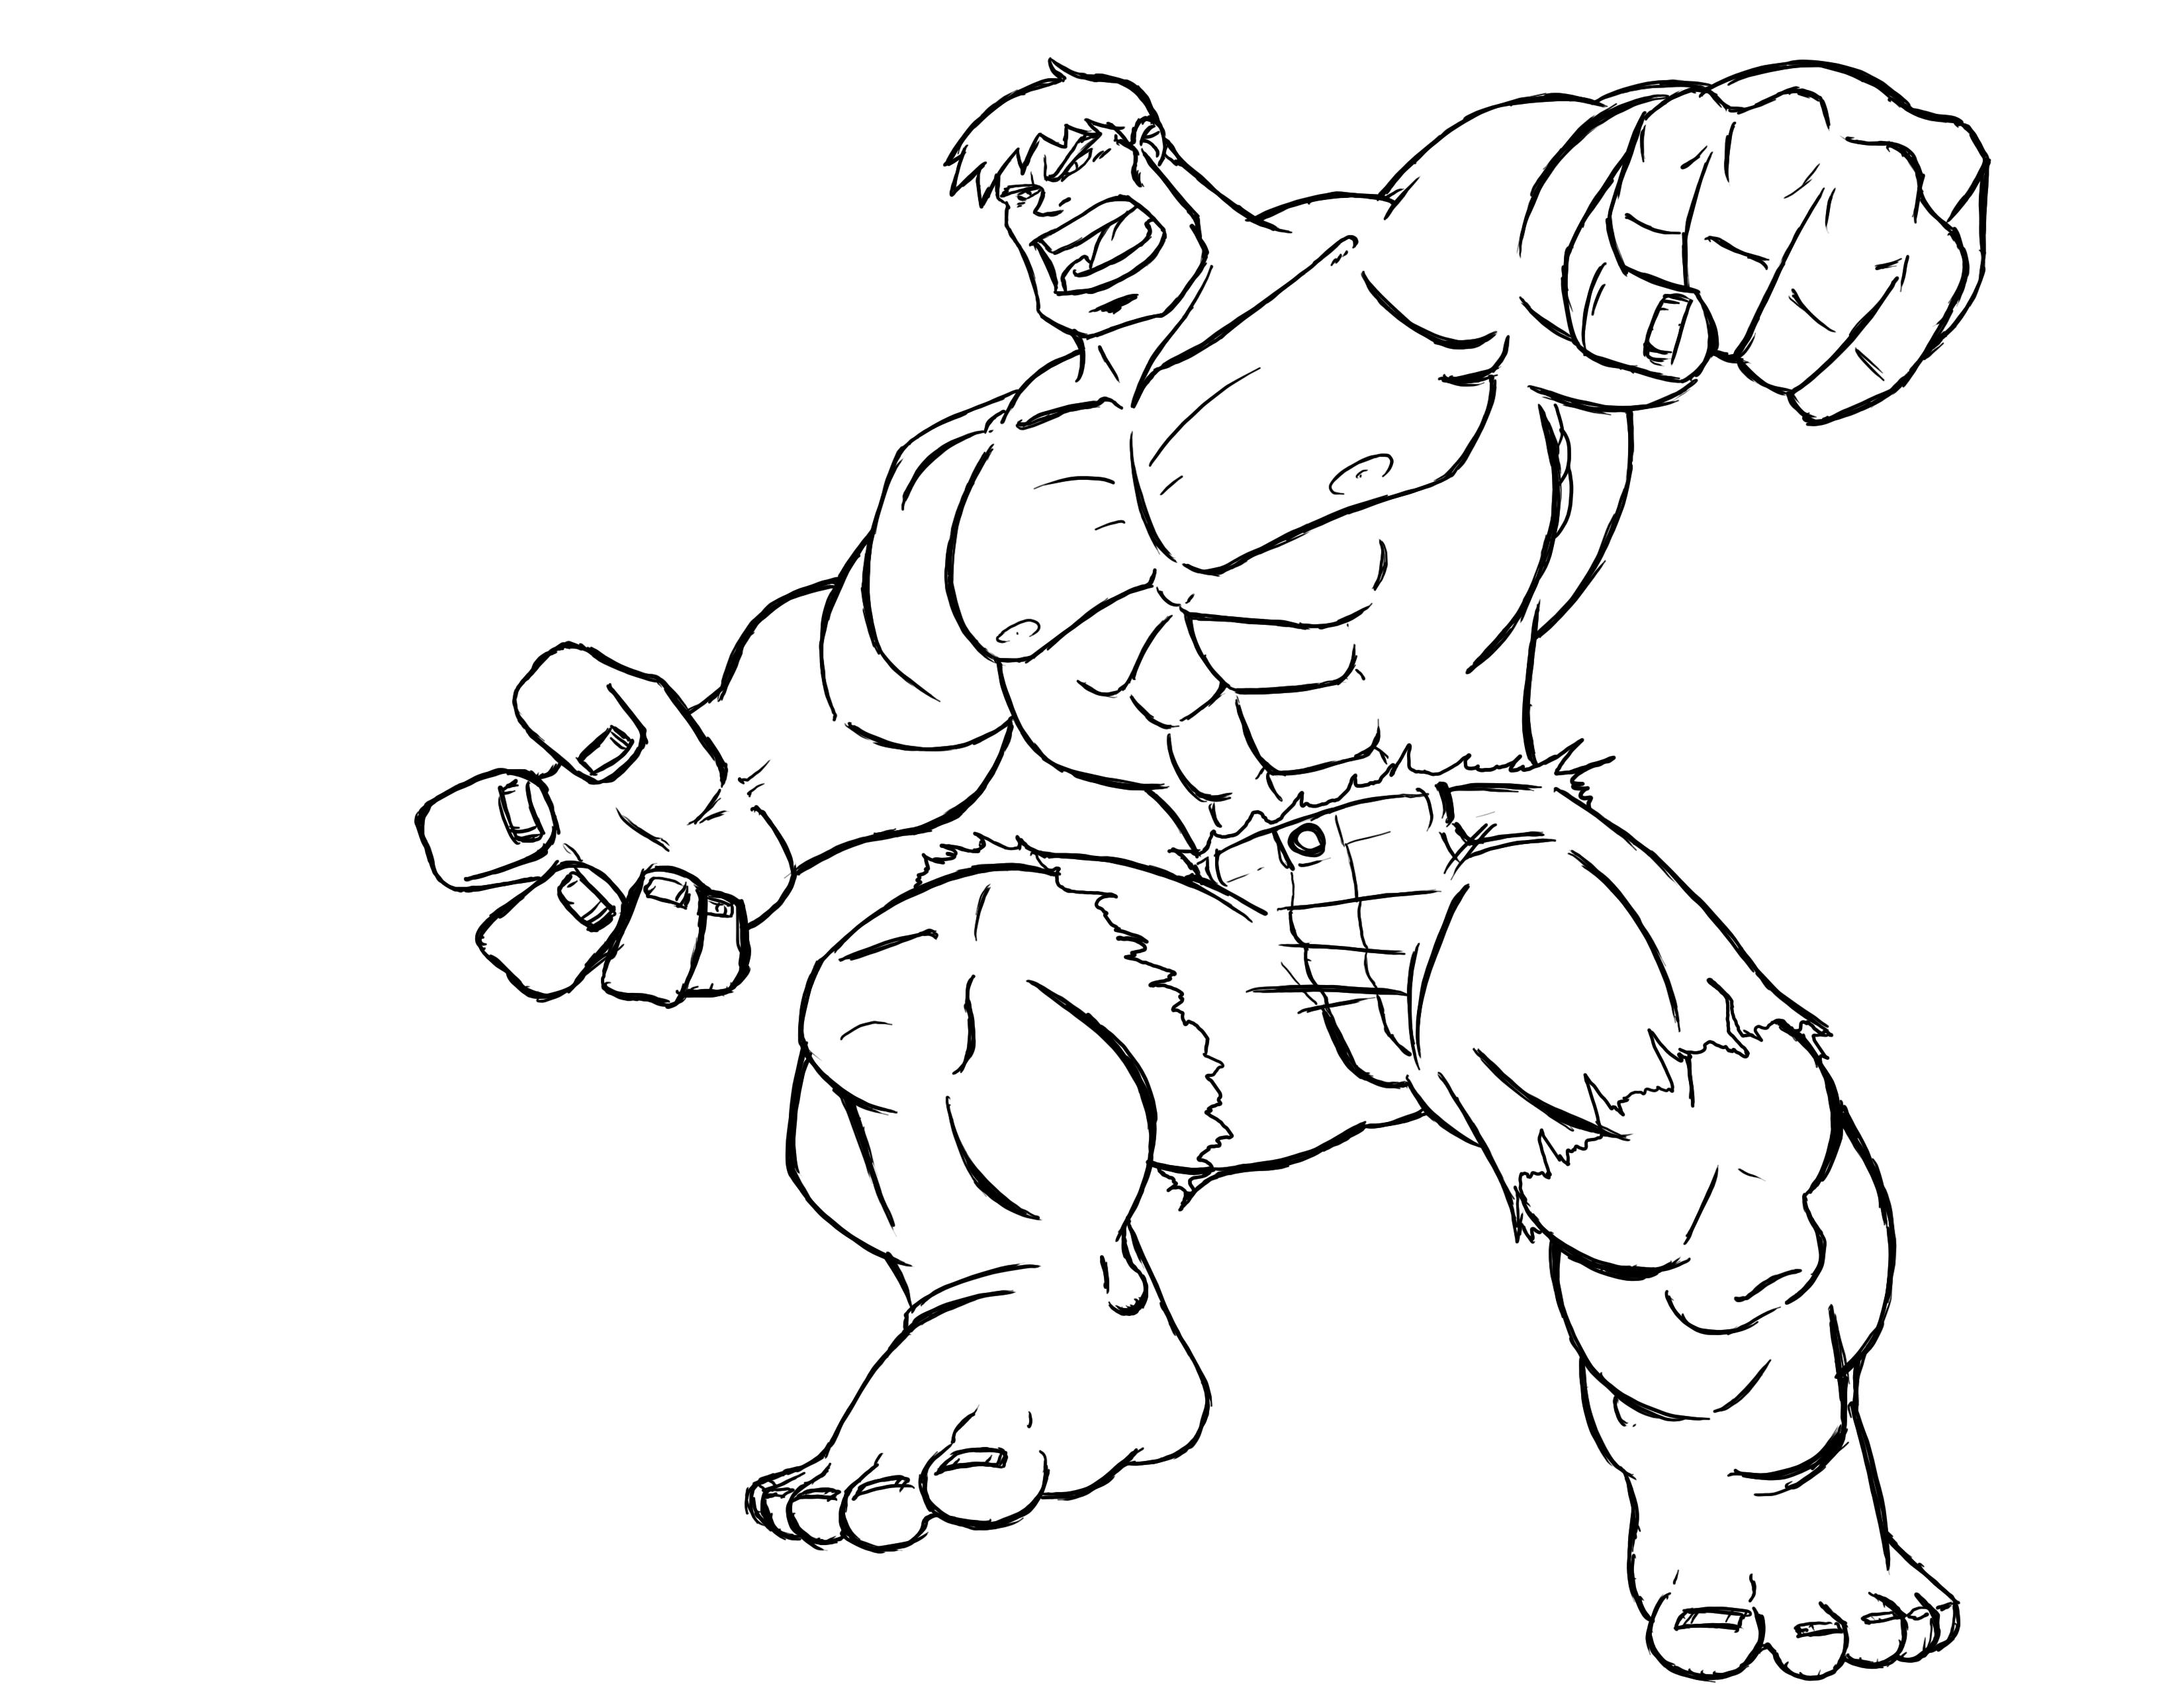 3300x2550 Wallpaper Incredible Hulk Cartoon Drawing Hulk Cartoon Art